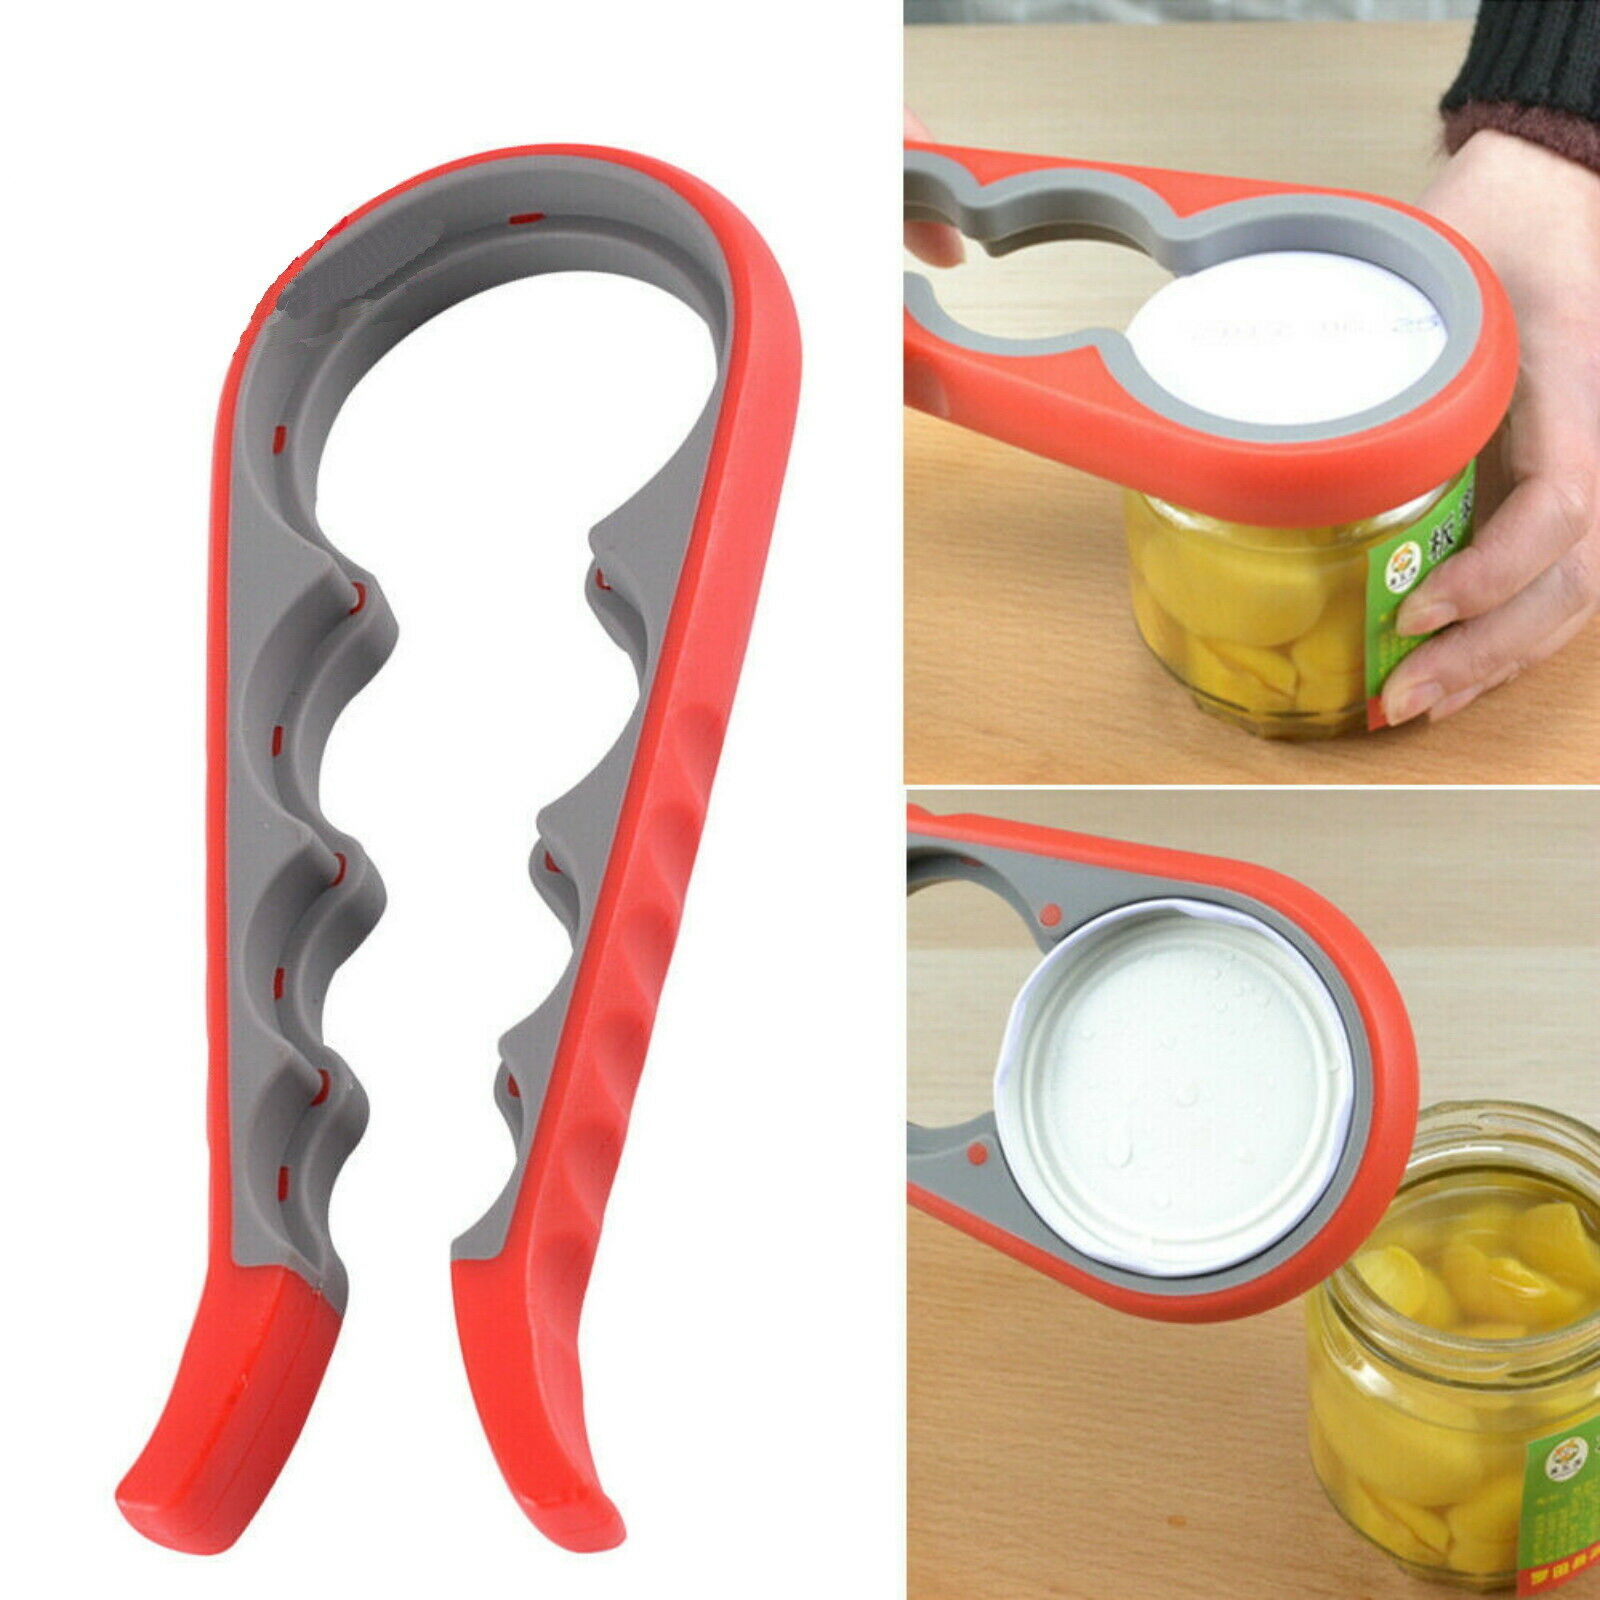 Multi Purpose Lid Jar Opener Handy Screw Cap Jar Opener Stainless Can Opener LD